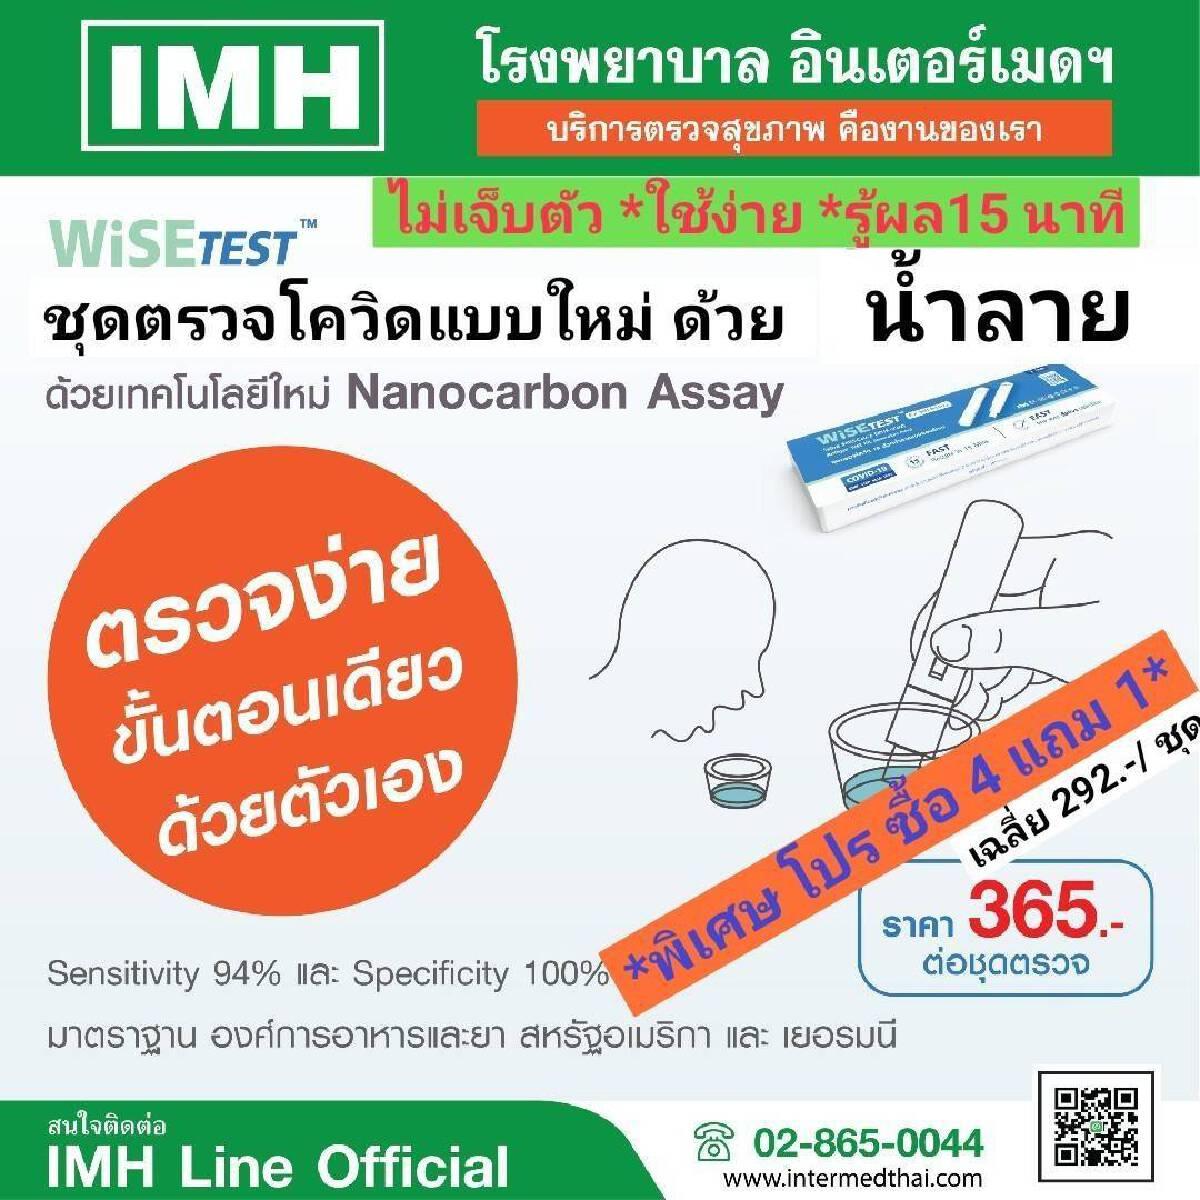 IMH รุกนวัตกรรมชุดตรวจโควิดด้วยน้ำลาย วางราคา 365 บาท/ชุด